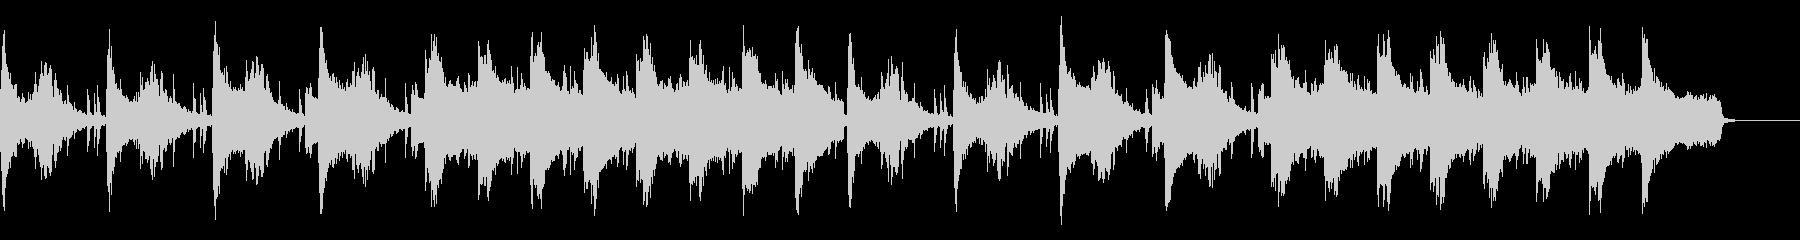 不穏なシーン用 ピアノとストリングスの未再生の波形